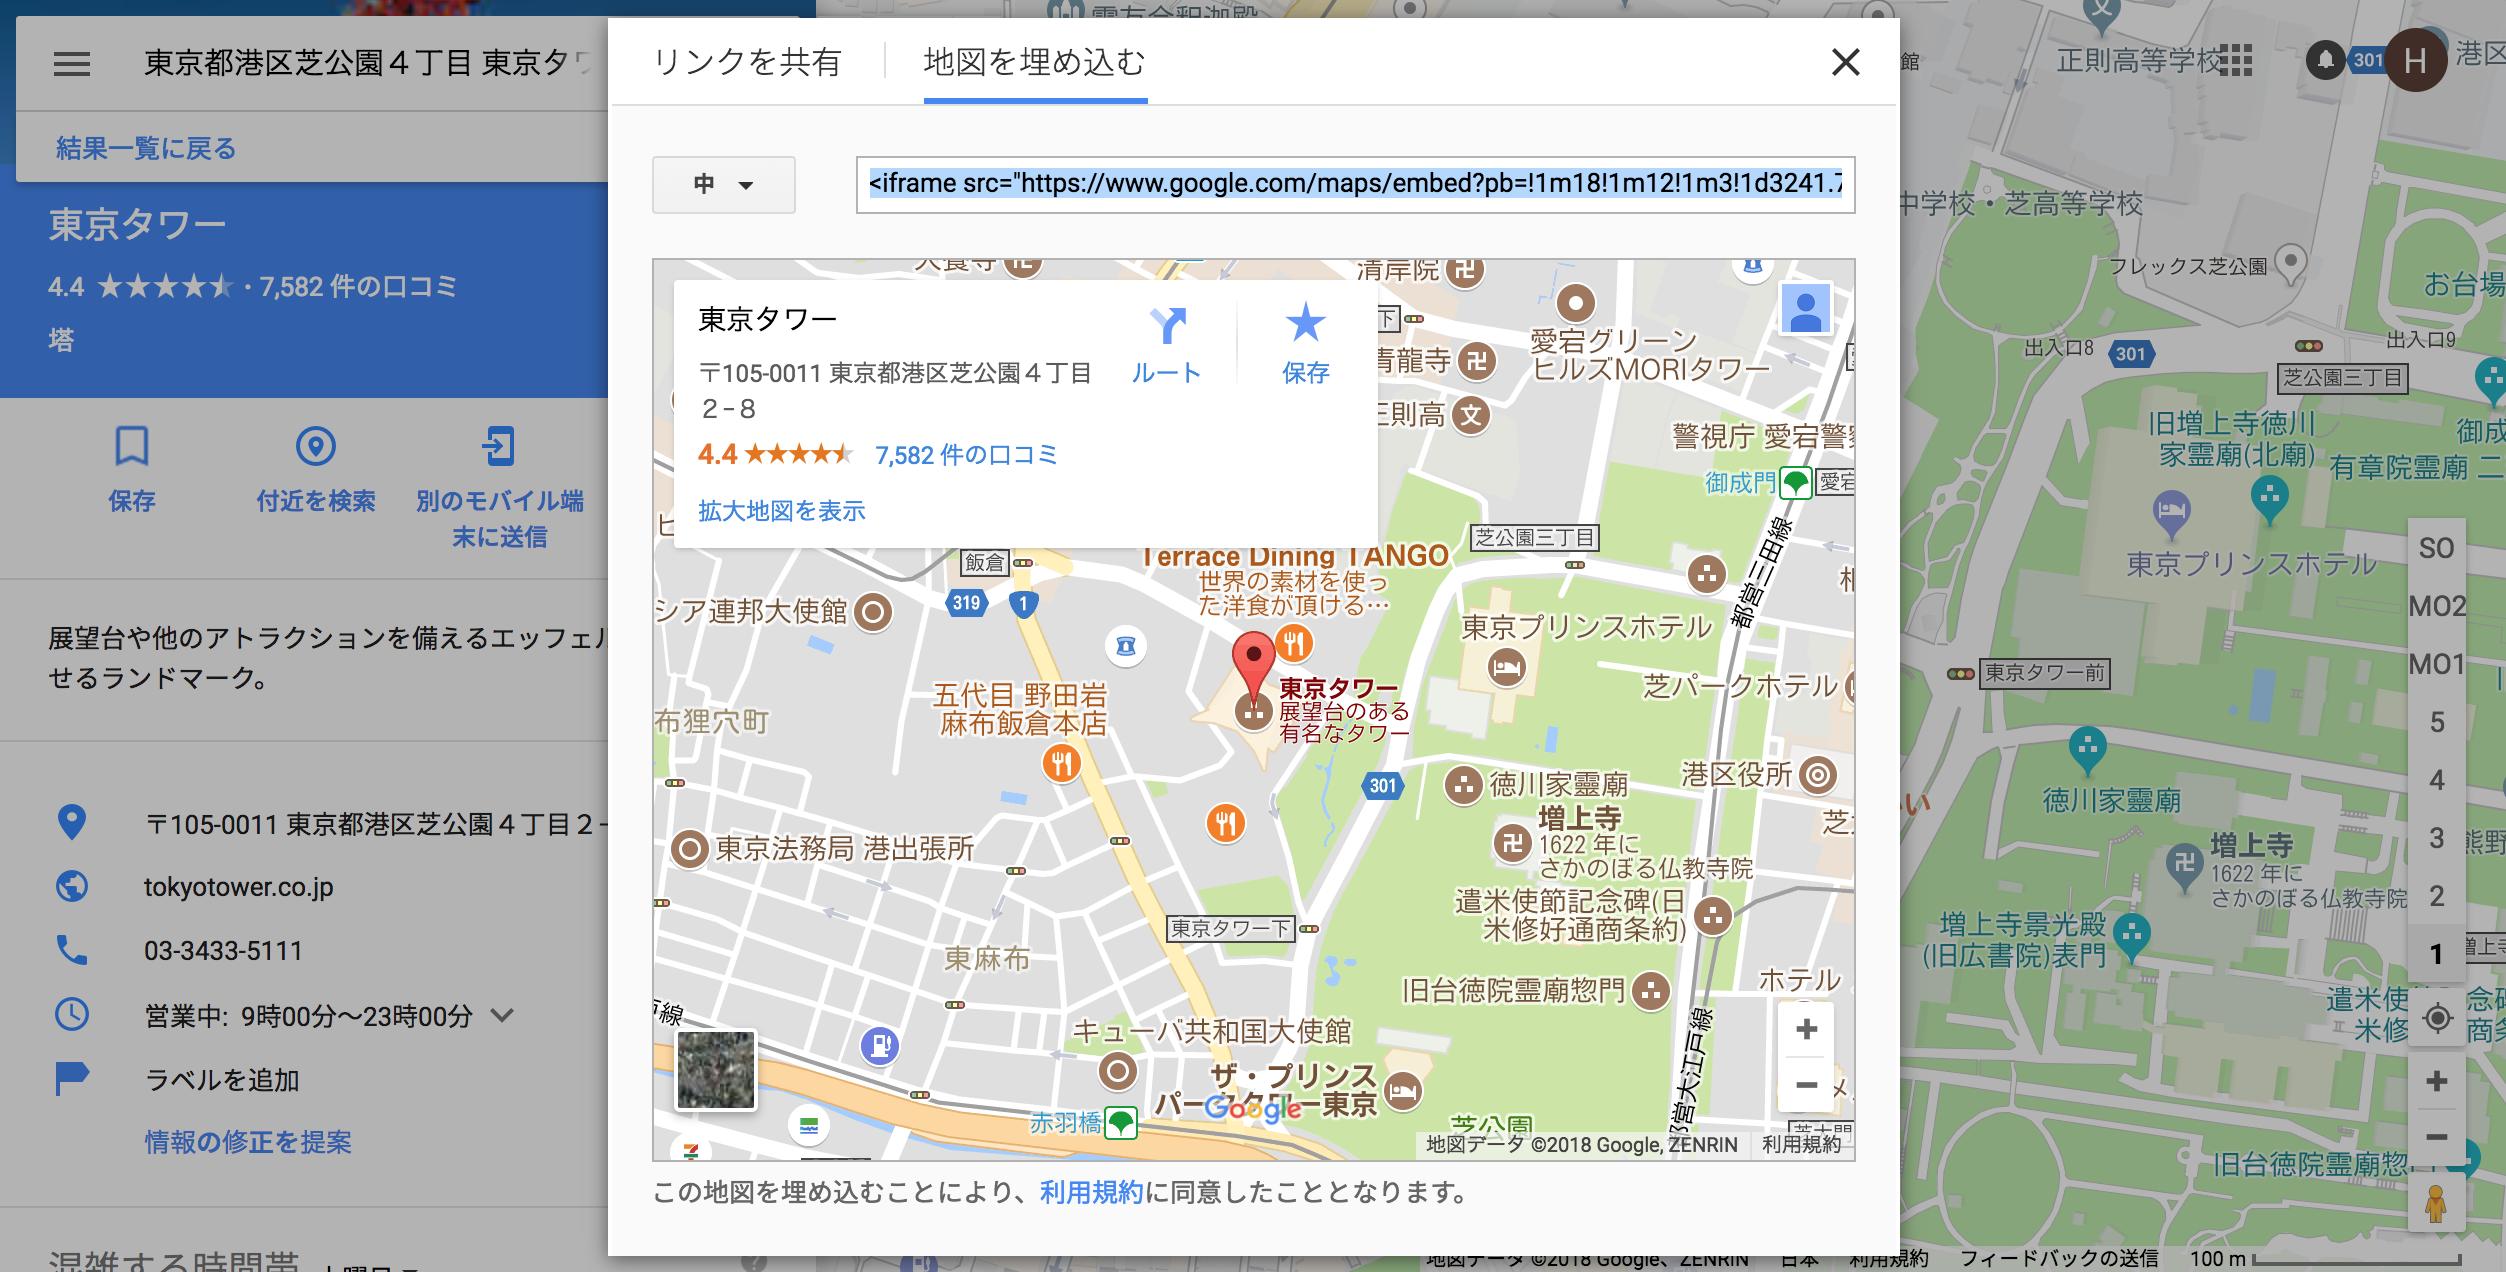 FireShot Capture 8 - 東京タワー - Google マップ_ - https___www.google.co.jp_maps_place.png